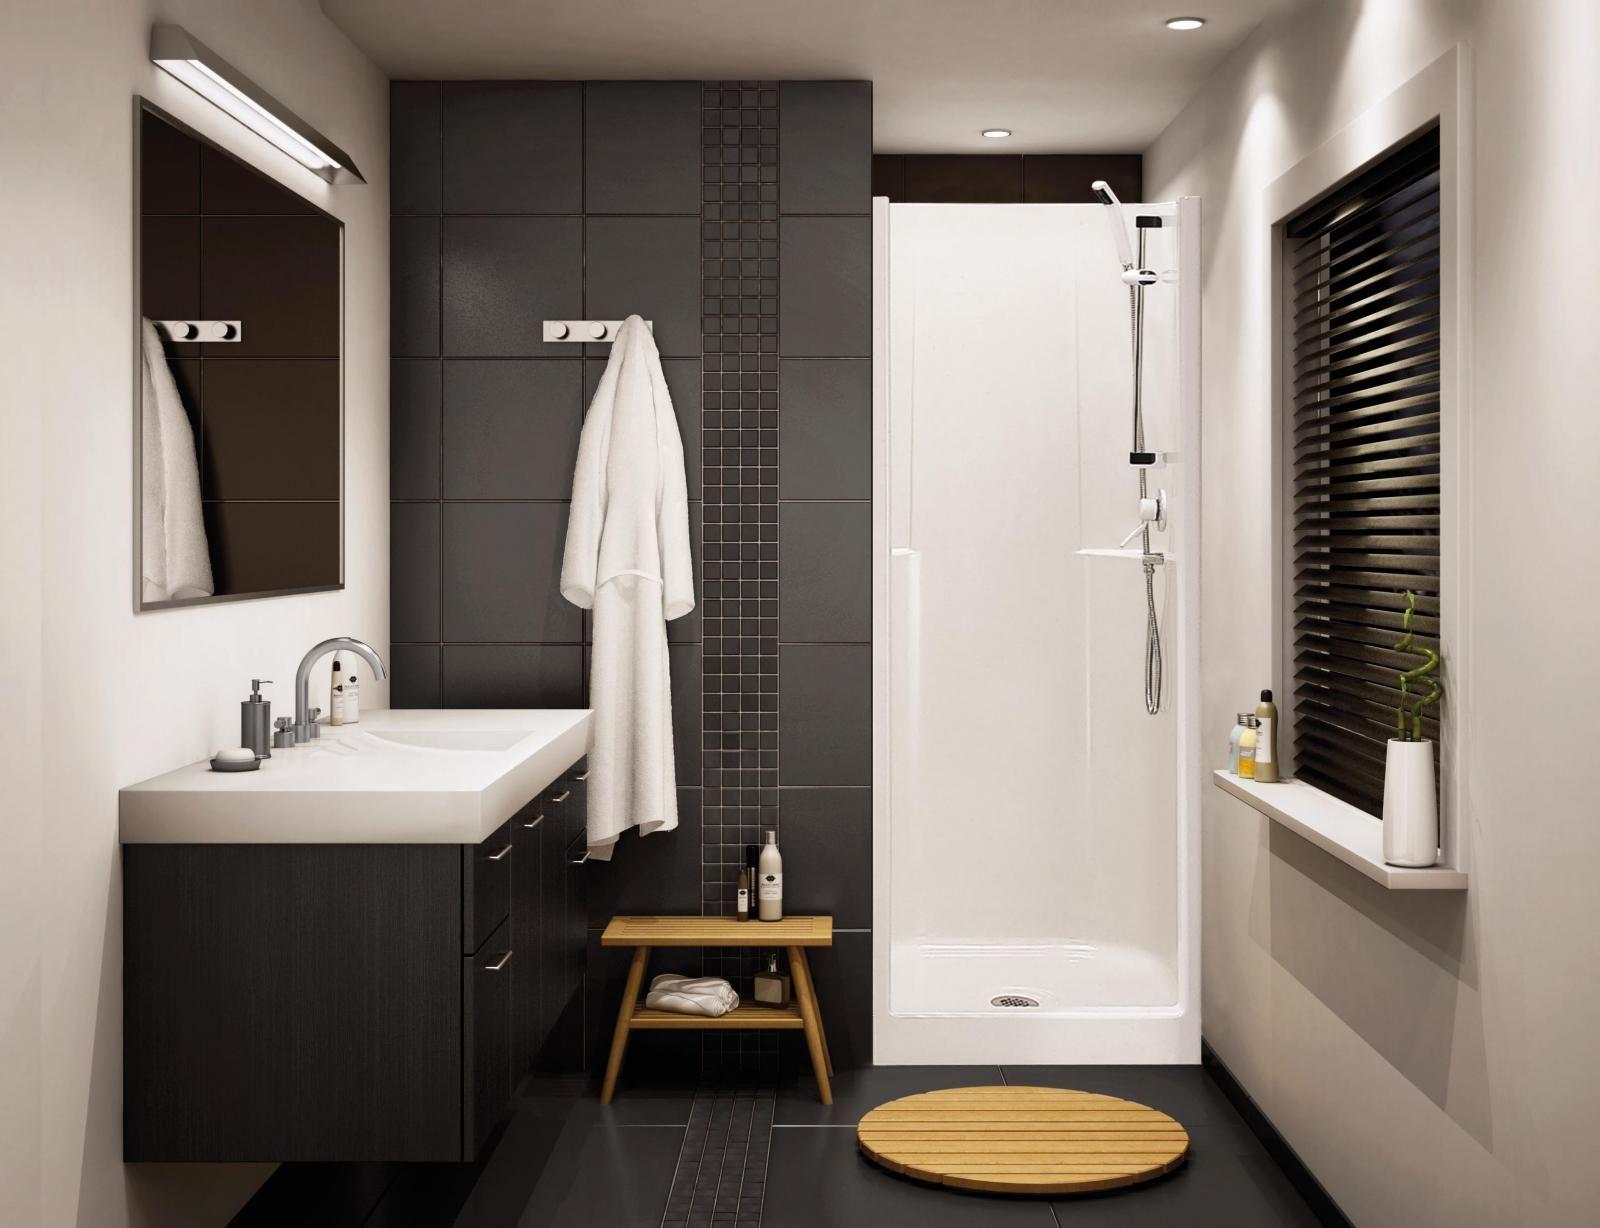 Trucs Pour Rénover Sa Salle De Bains - Renover sa salle de bain